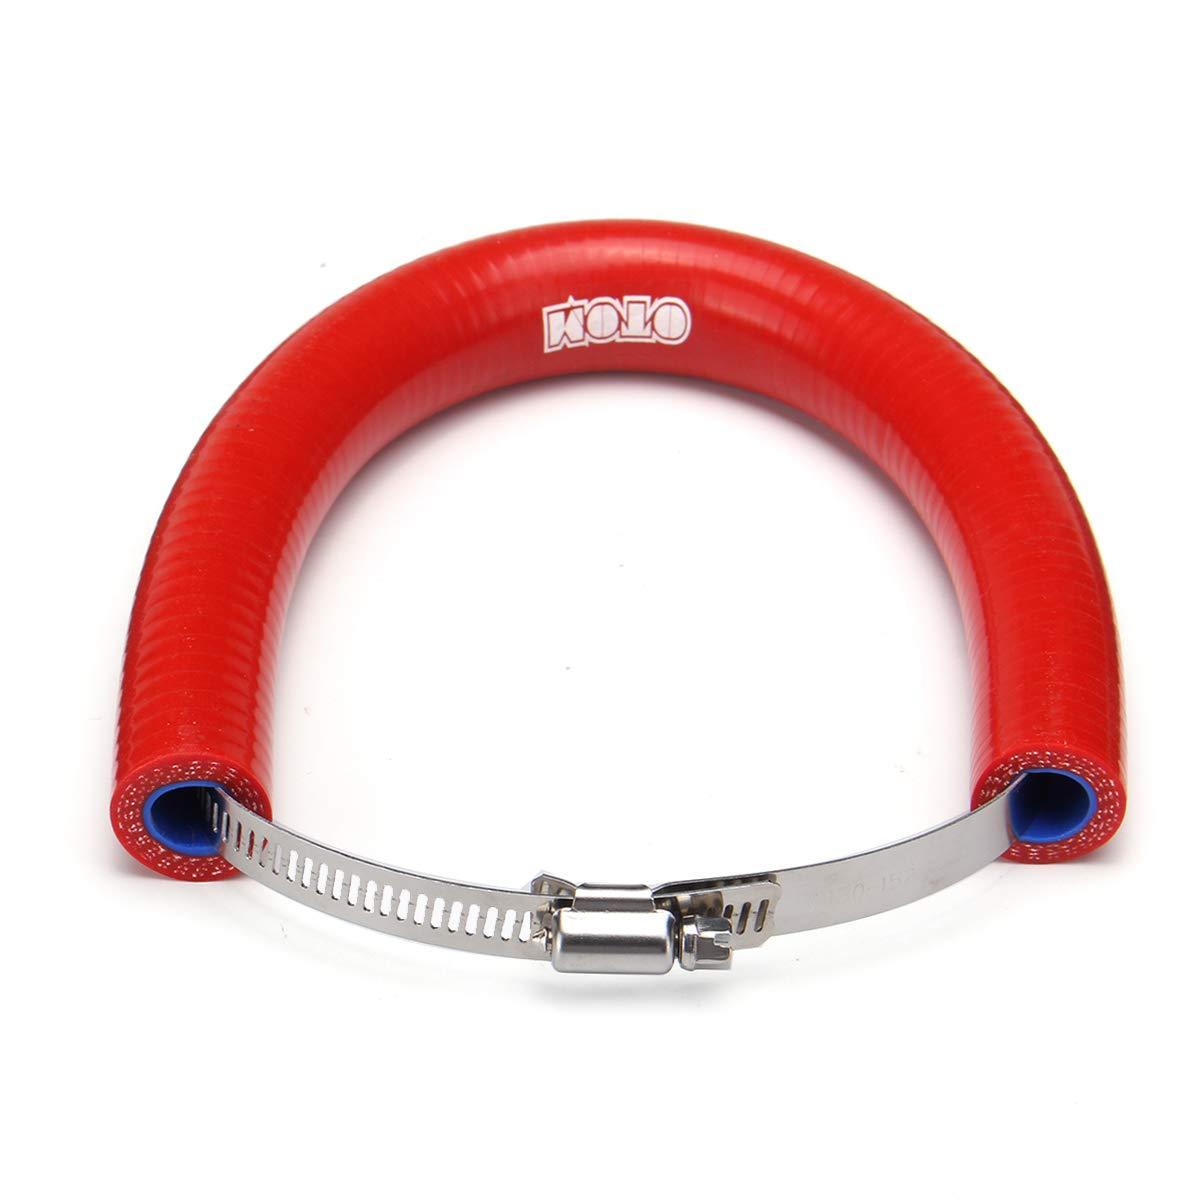 Rojo GOZAR El Protector Universal del Silenciador del Extractor De La Motocicleta Puede Cubrir El Protector para KTM Exc Sxf 250-525